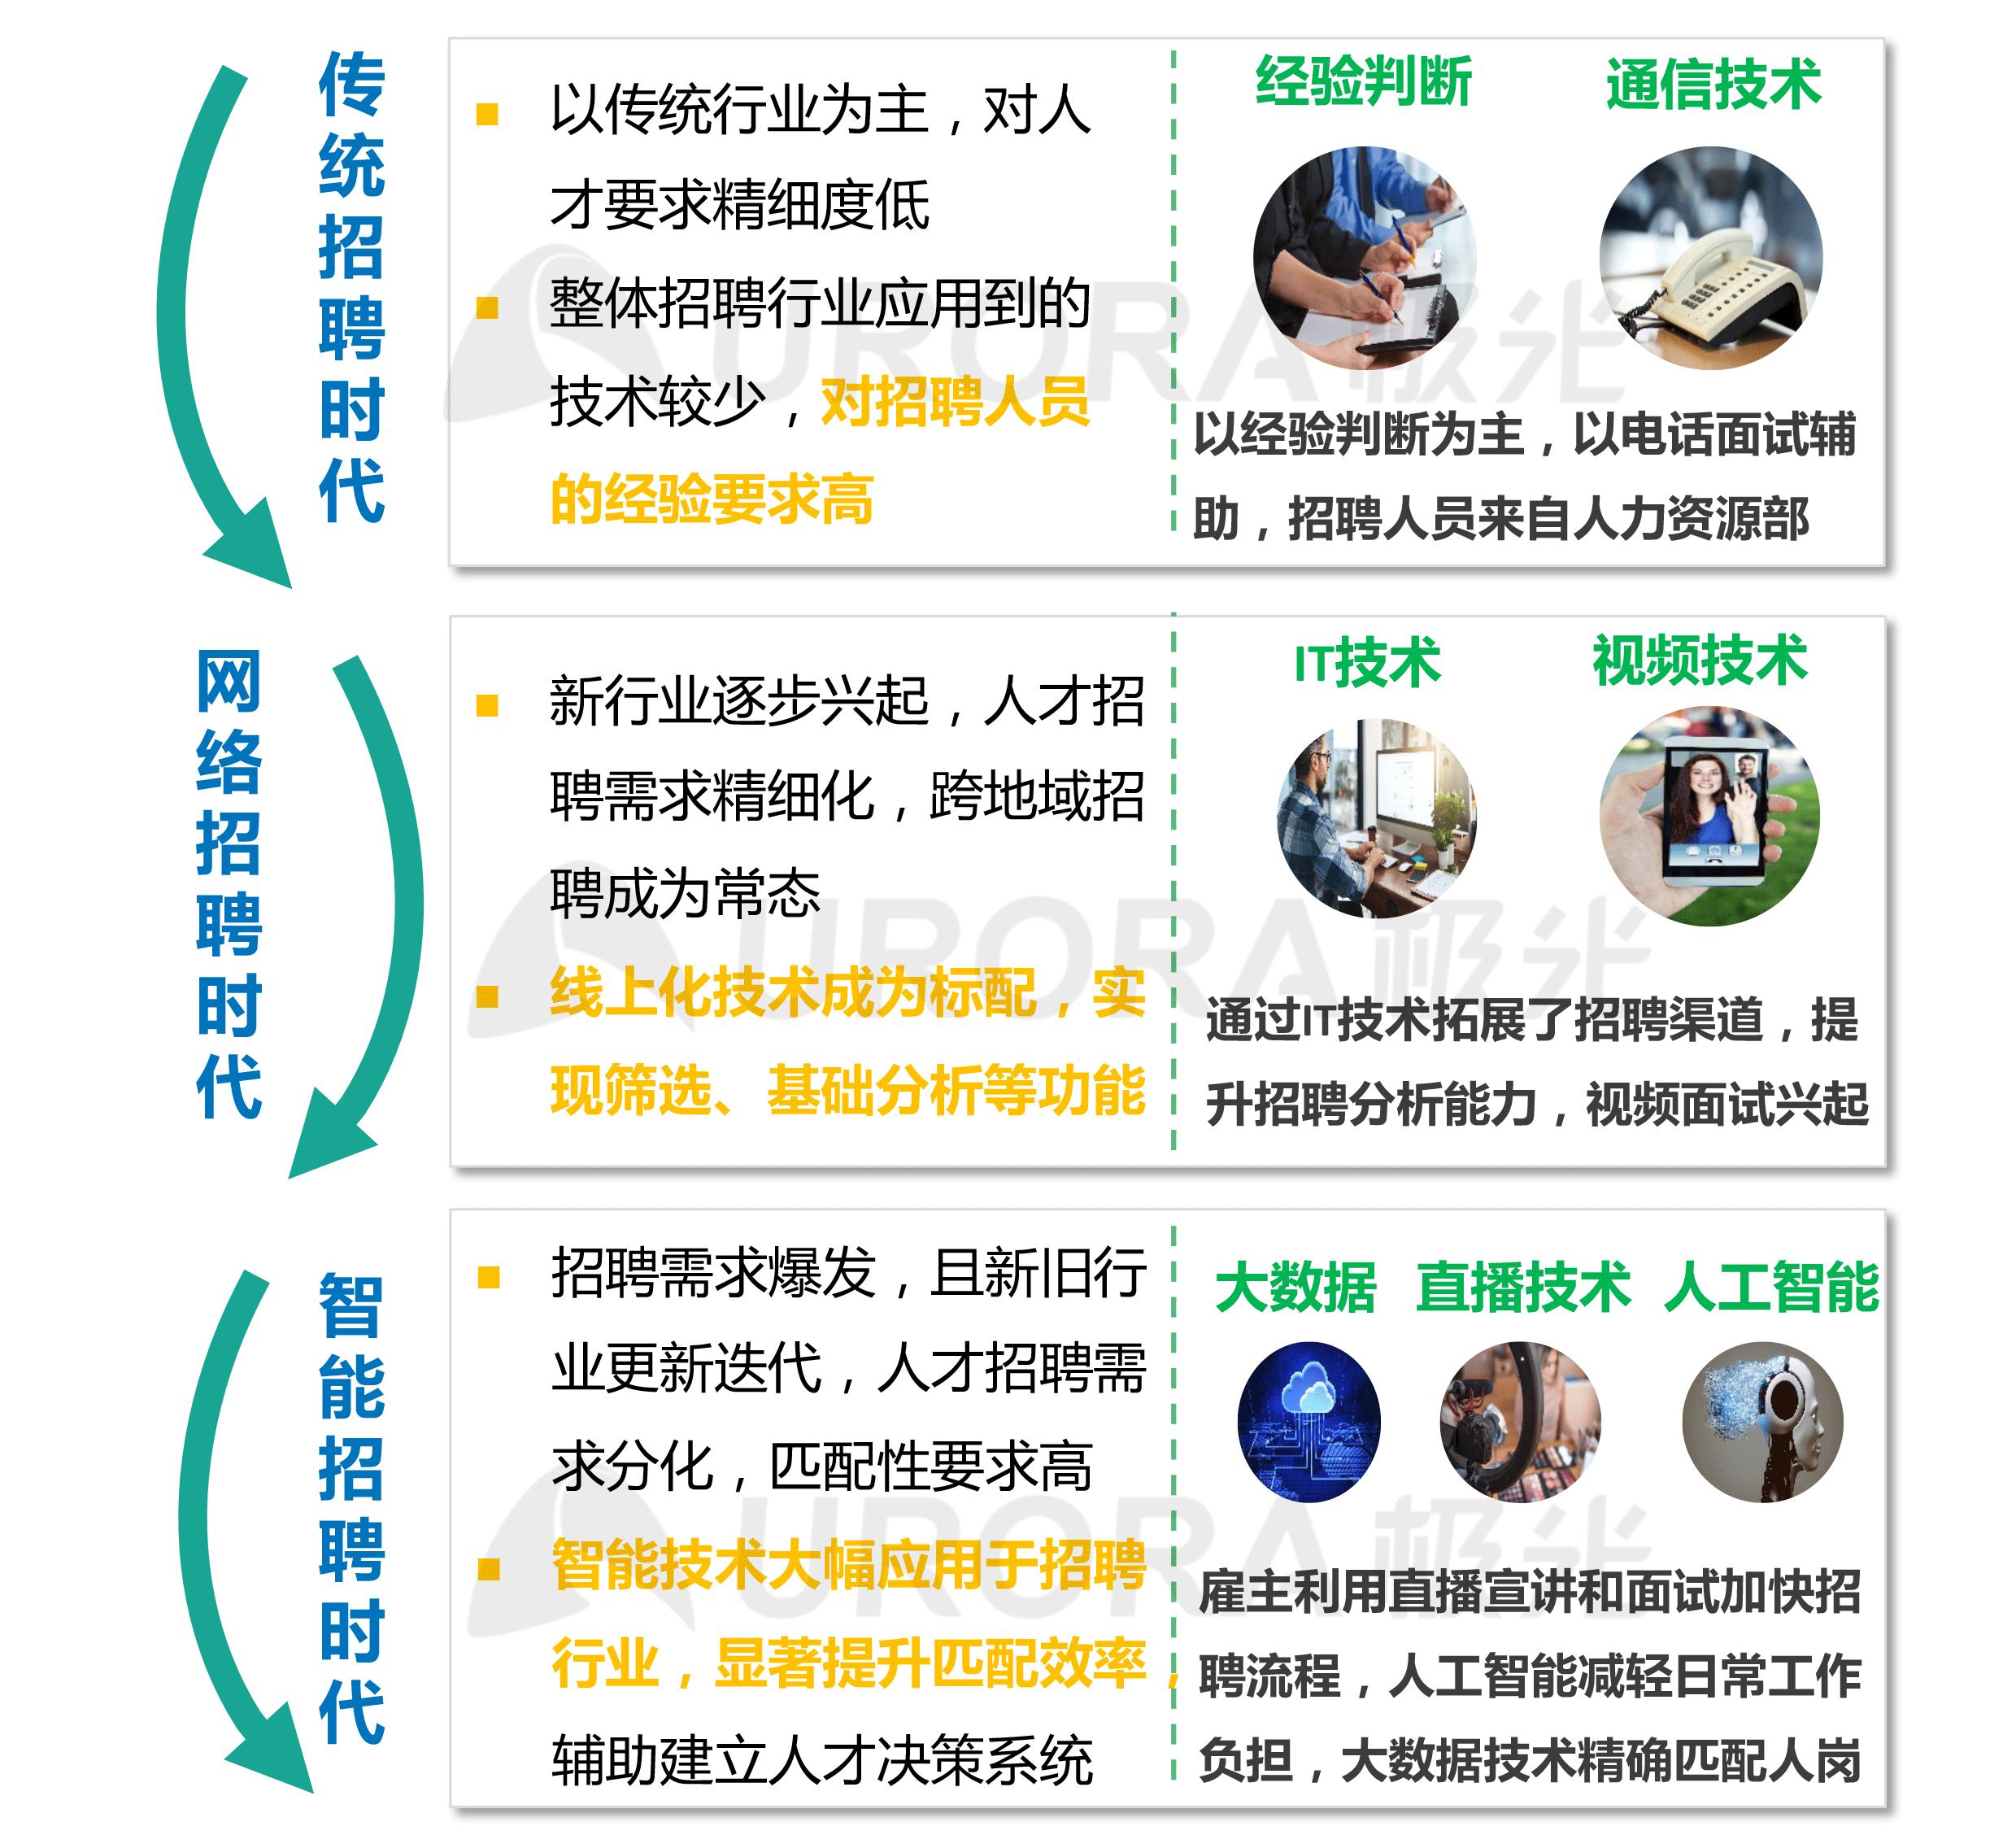 """""""超职季""""招聘行业报告-汇总版 (14).png"""